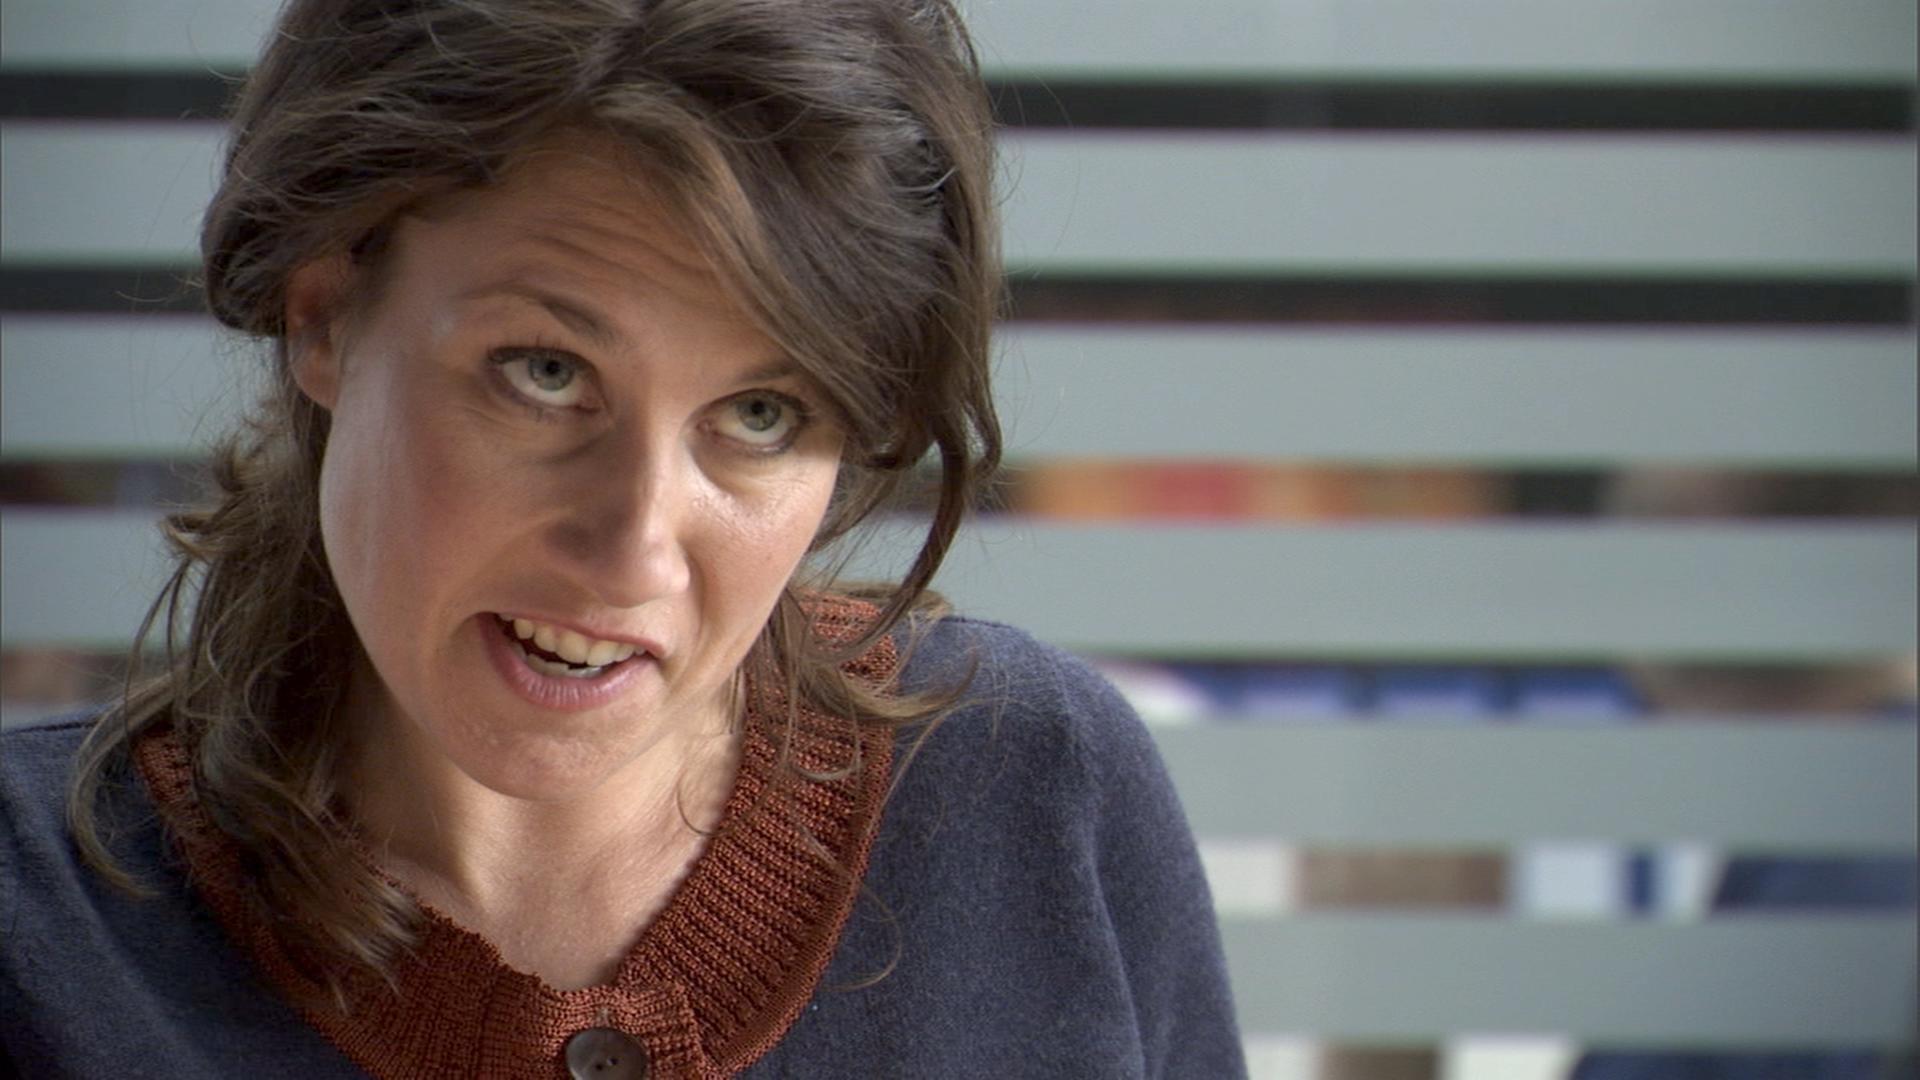 Mia Lyhne in Blå mænd (2008)